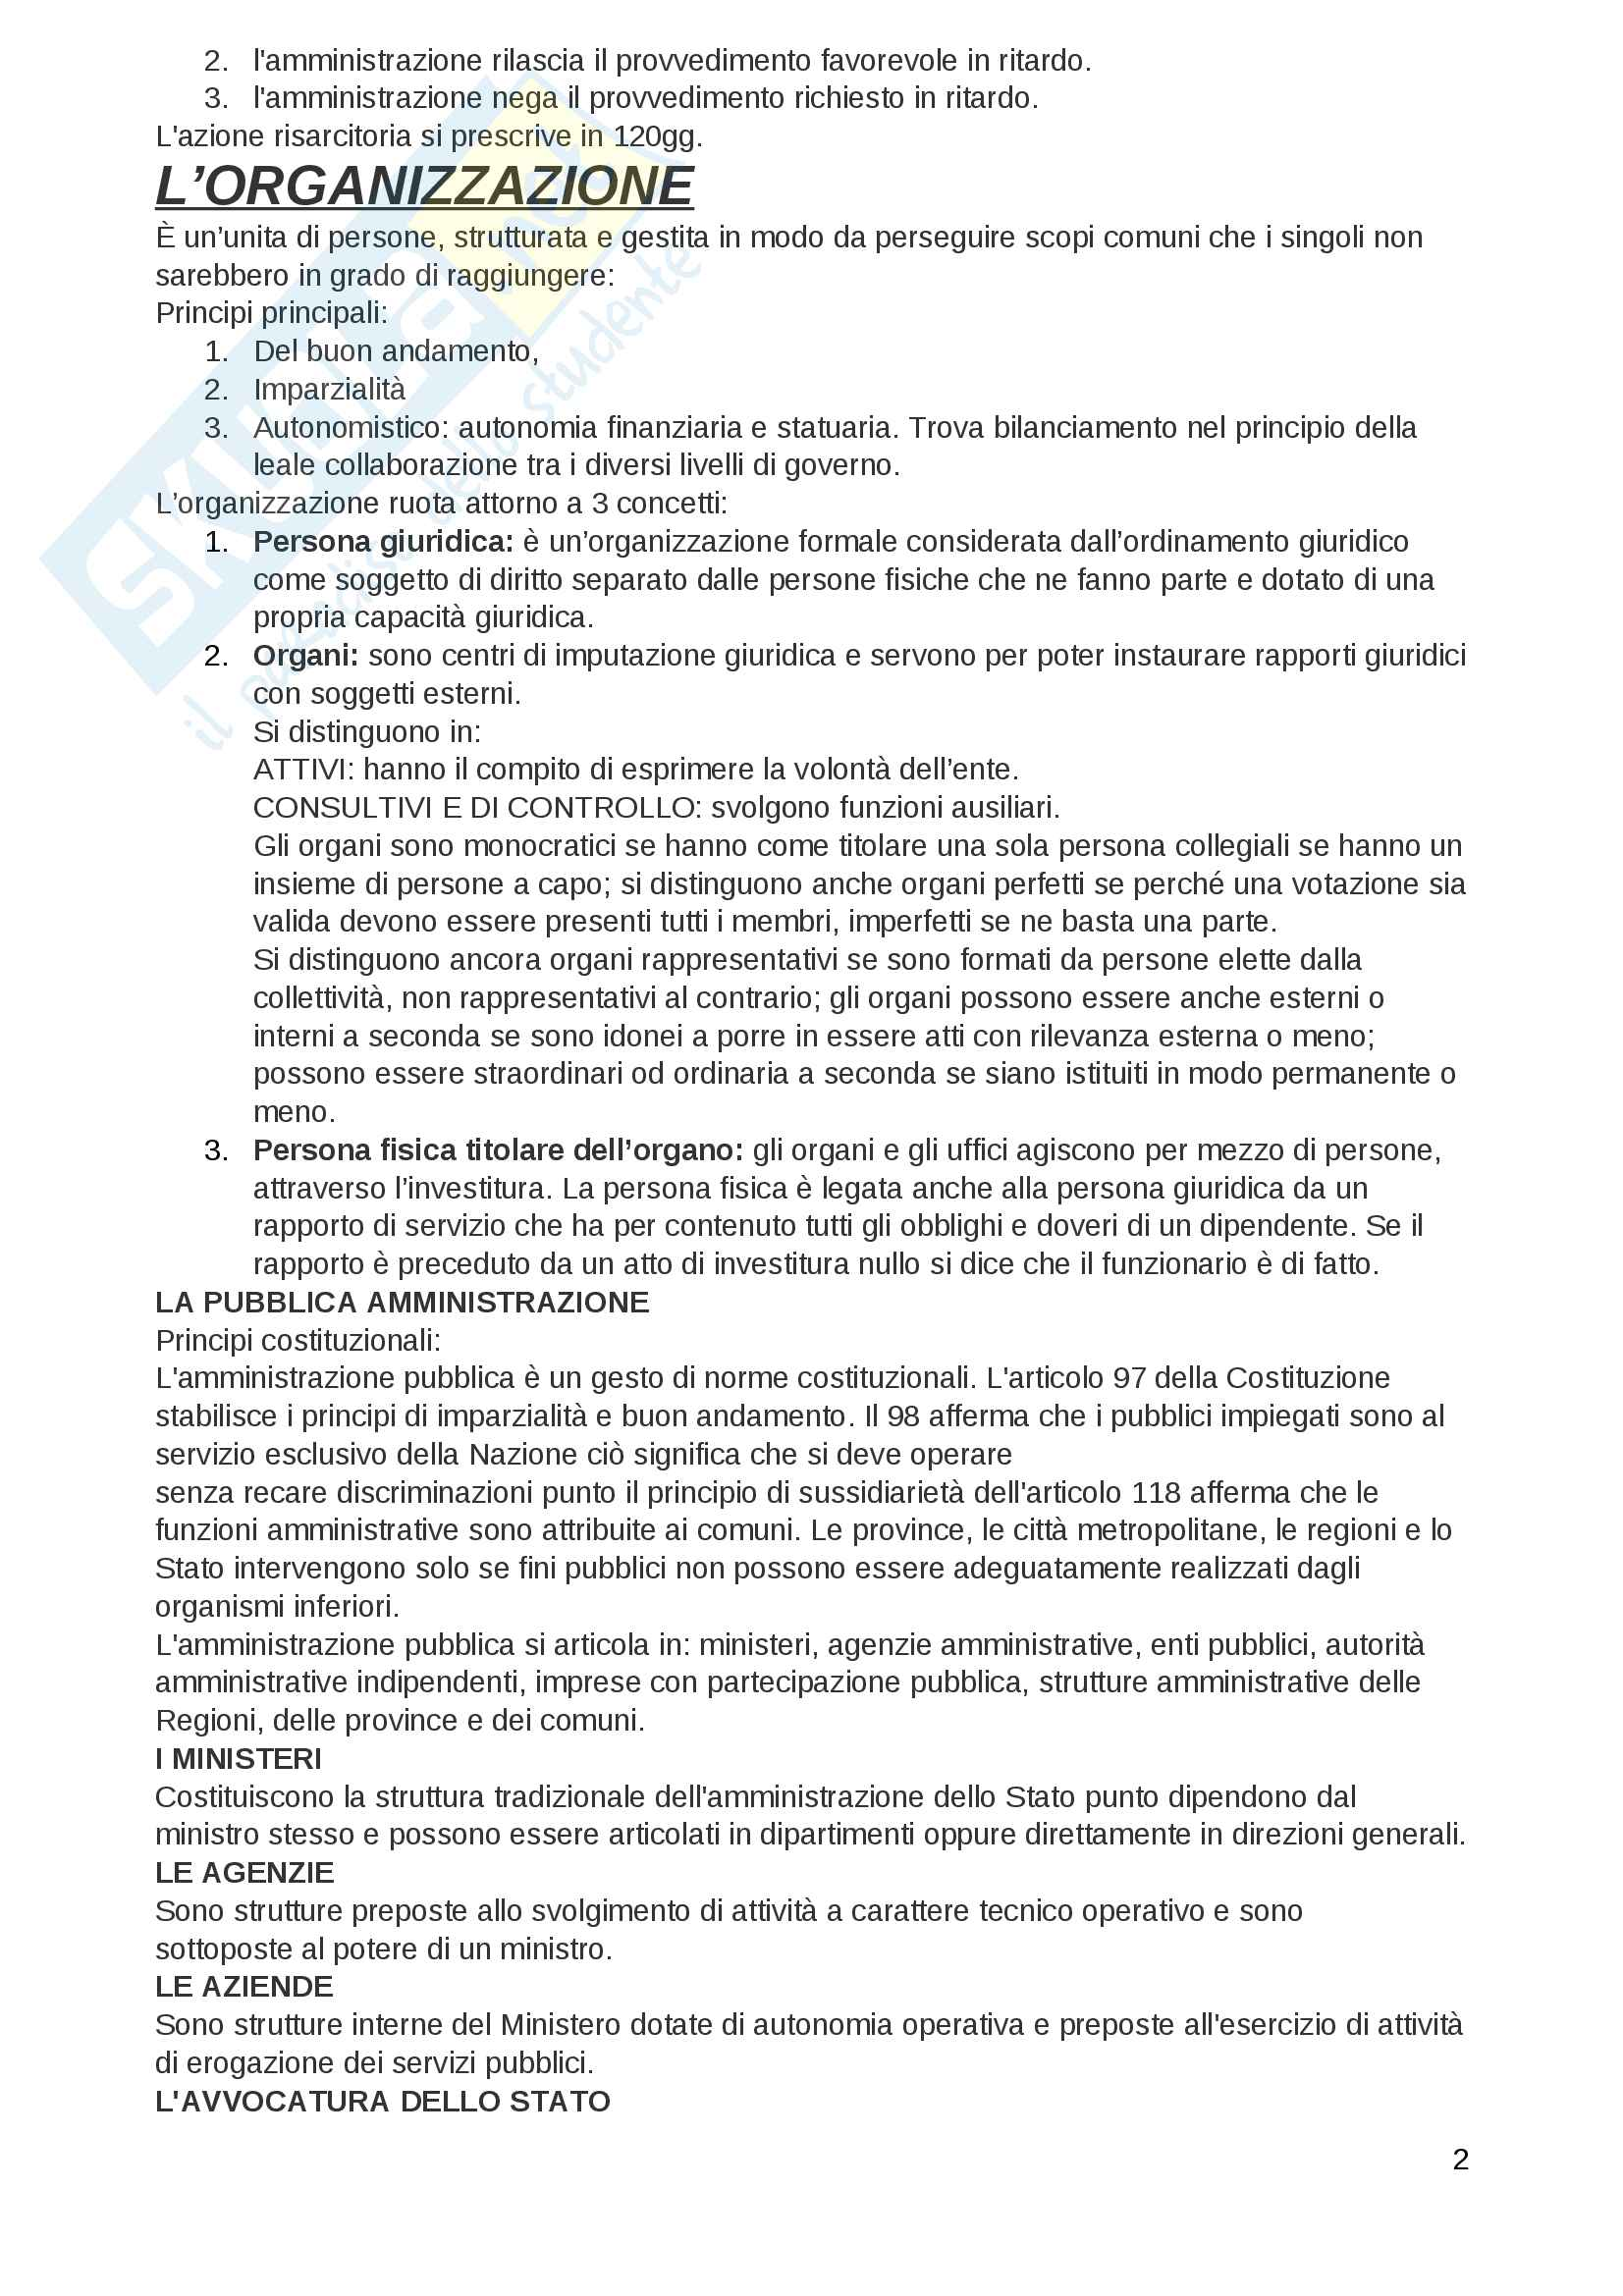 Diritto amministrativo riassunto Pag. 2